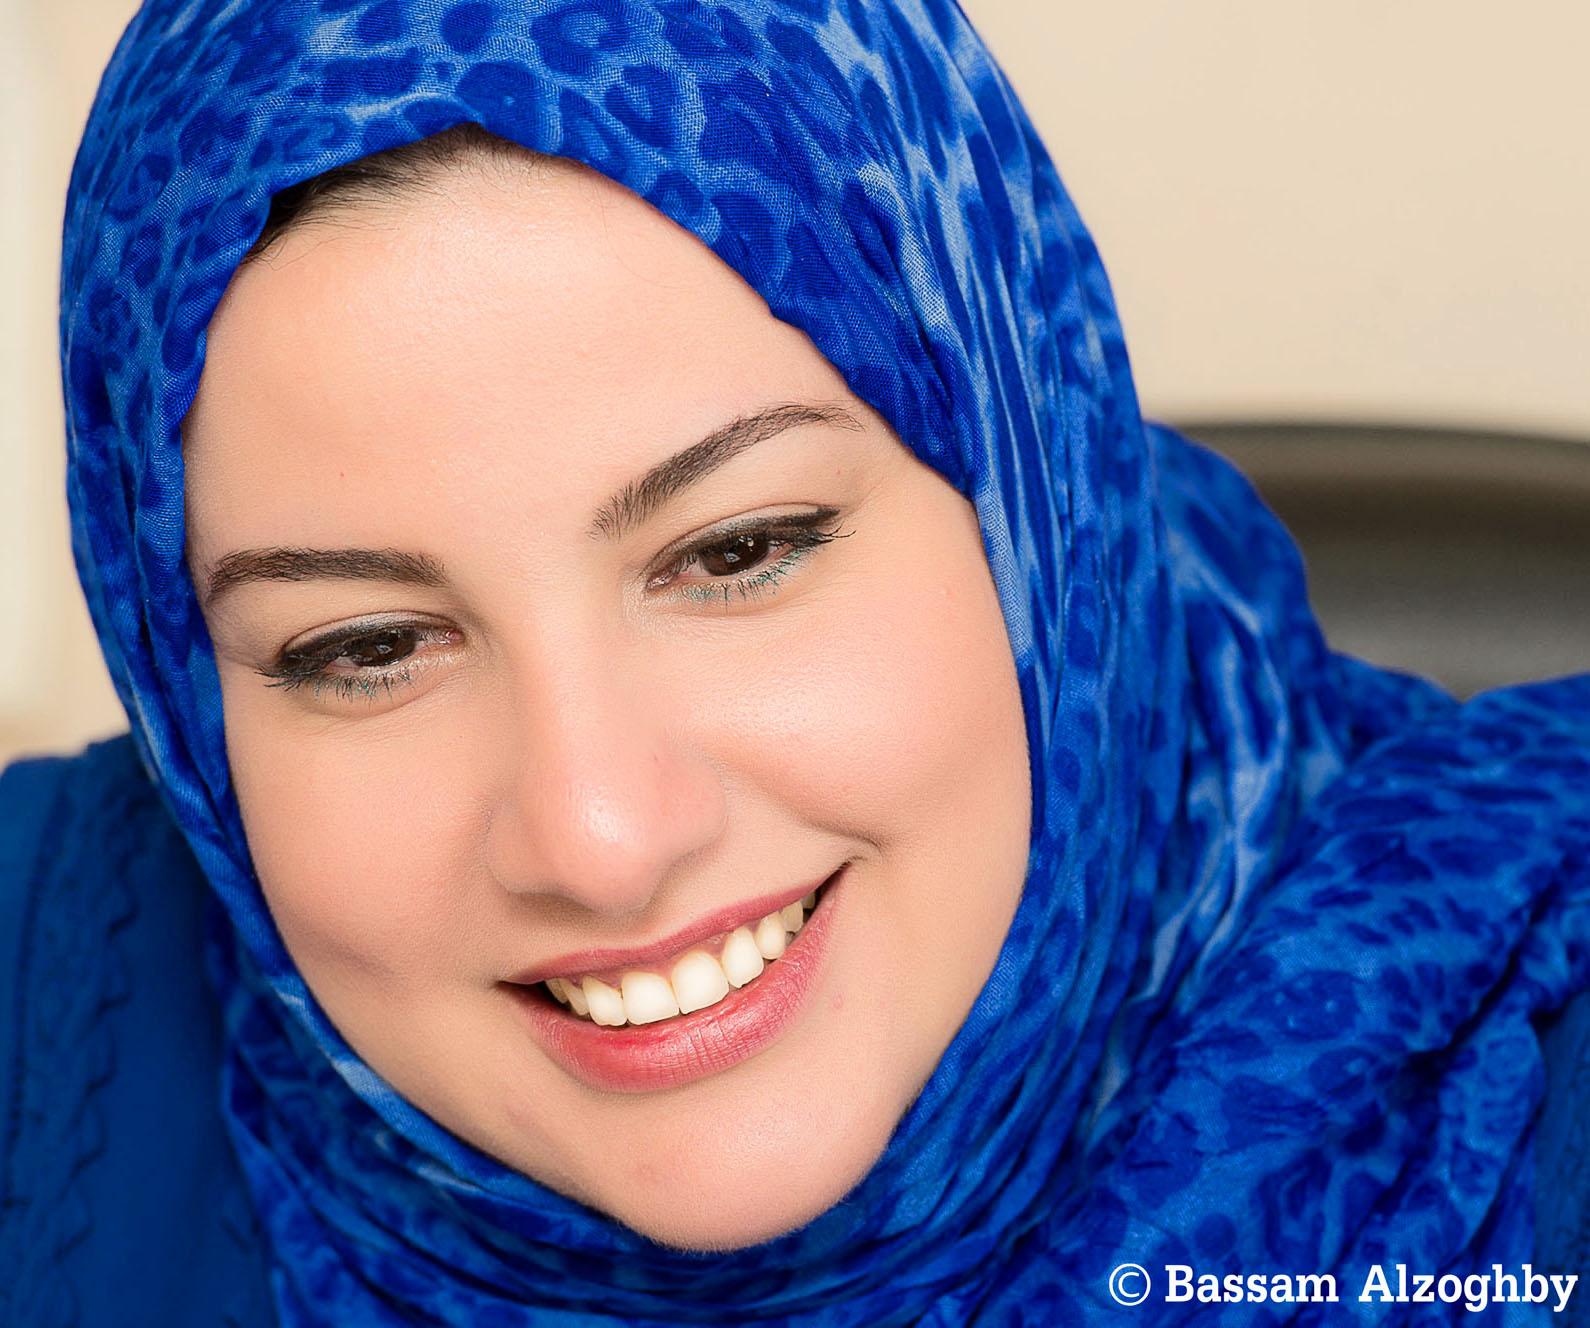 Doaa El-Adl